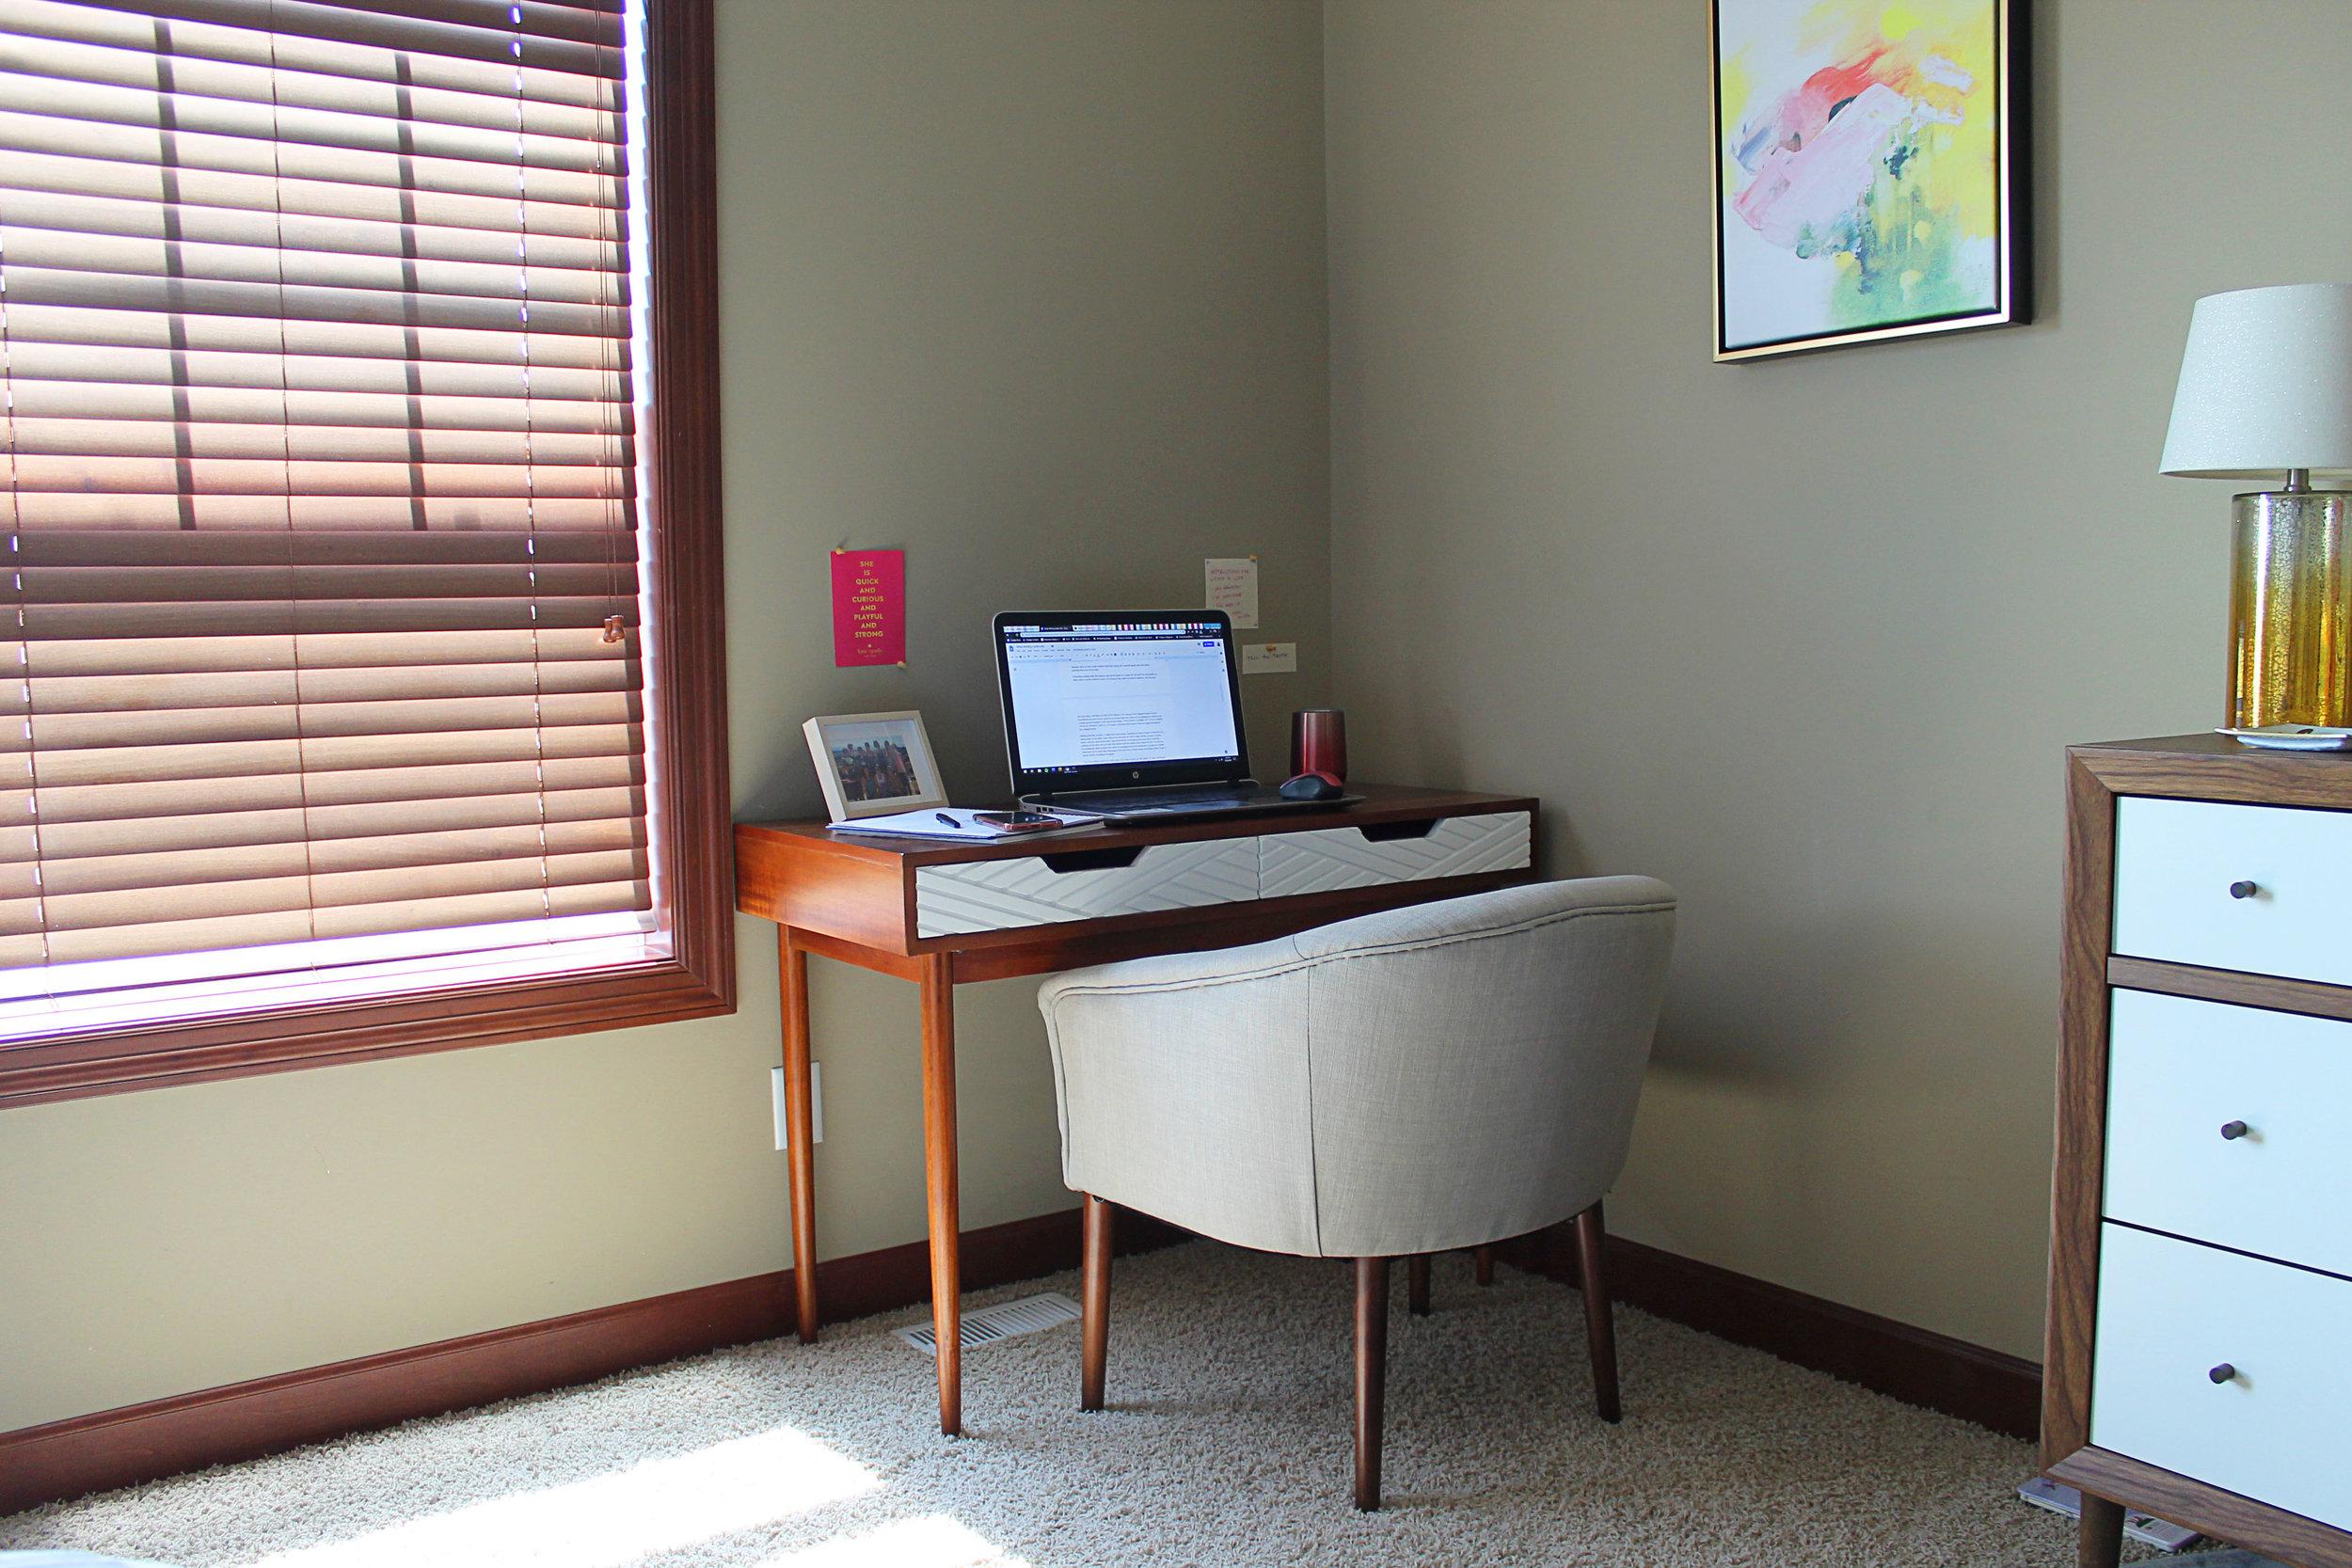 2019 07 24 Desk 01.jpg